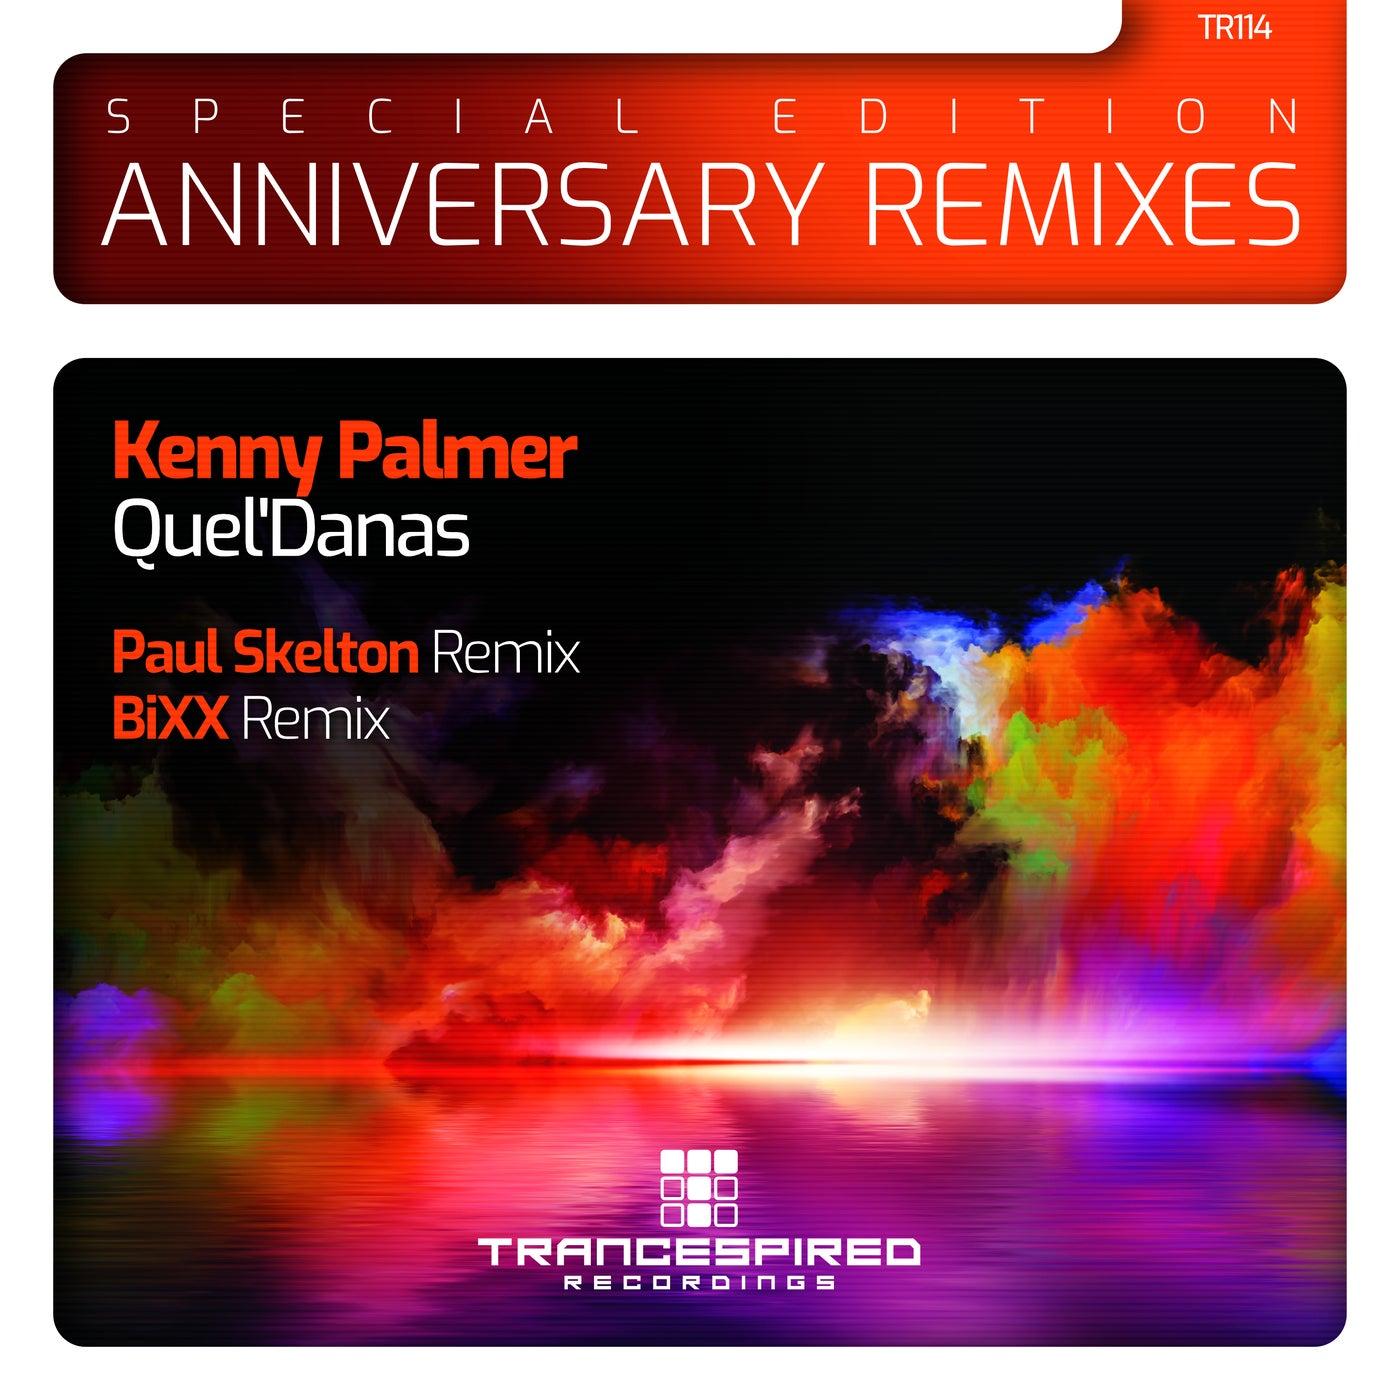 Quel'Danas (Paul Skelton Extended Remix)